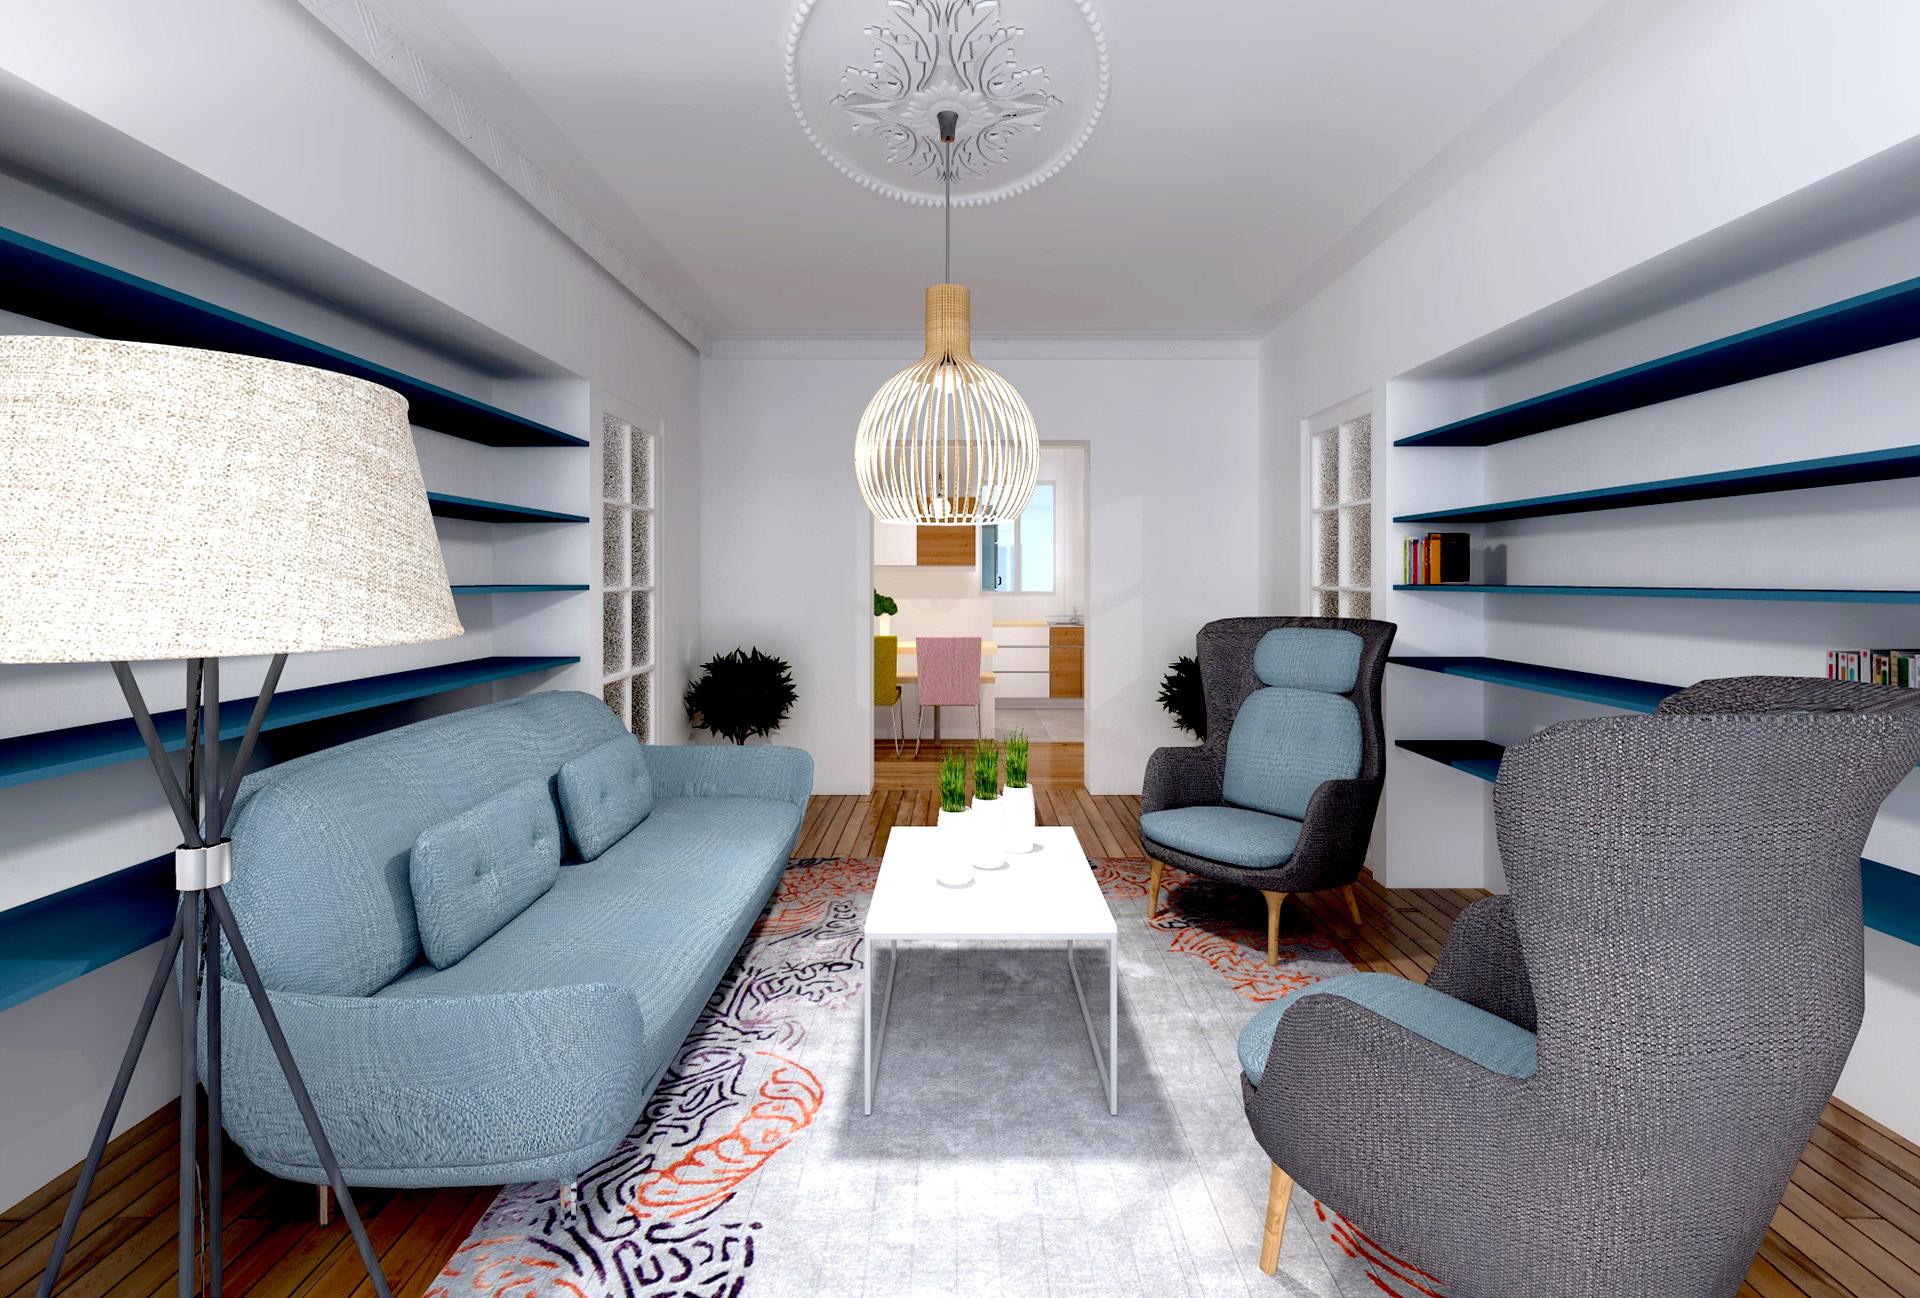 appartement art deco amenagement salon ambiance annee 50 agence avous